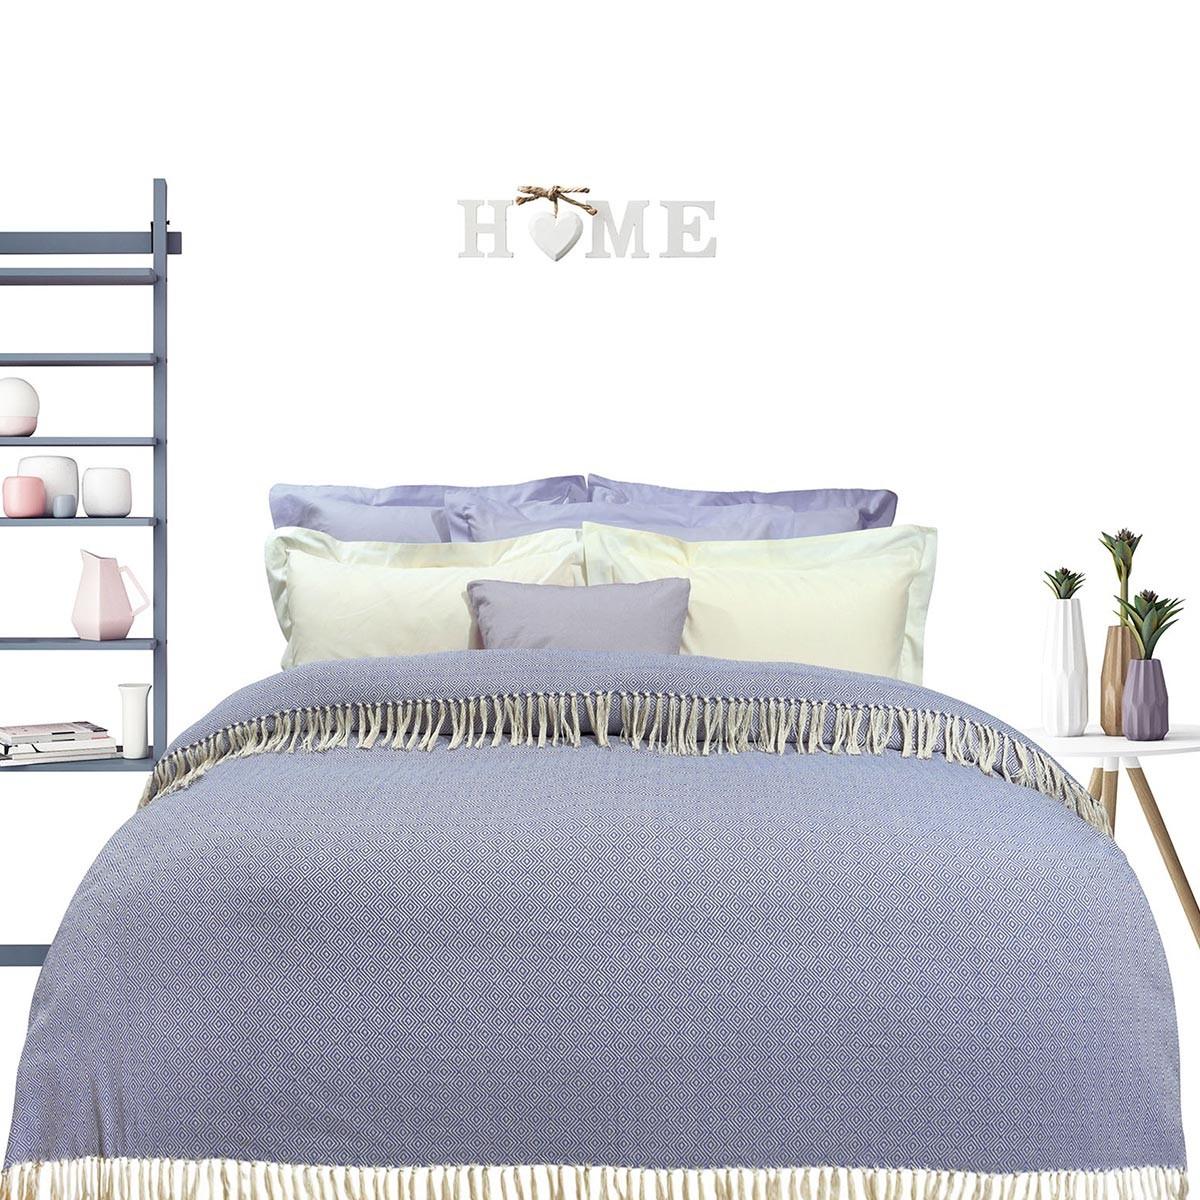 Κουβερτόριο Μονό Das Home Blanket Line Jacquard 382 home   κρεβατοκάμαρα   κουβέρτες   κουβέρτες καλοκαιρινές μονές